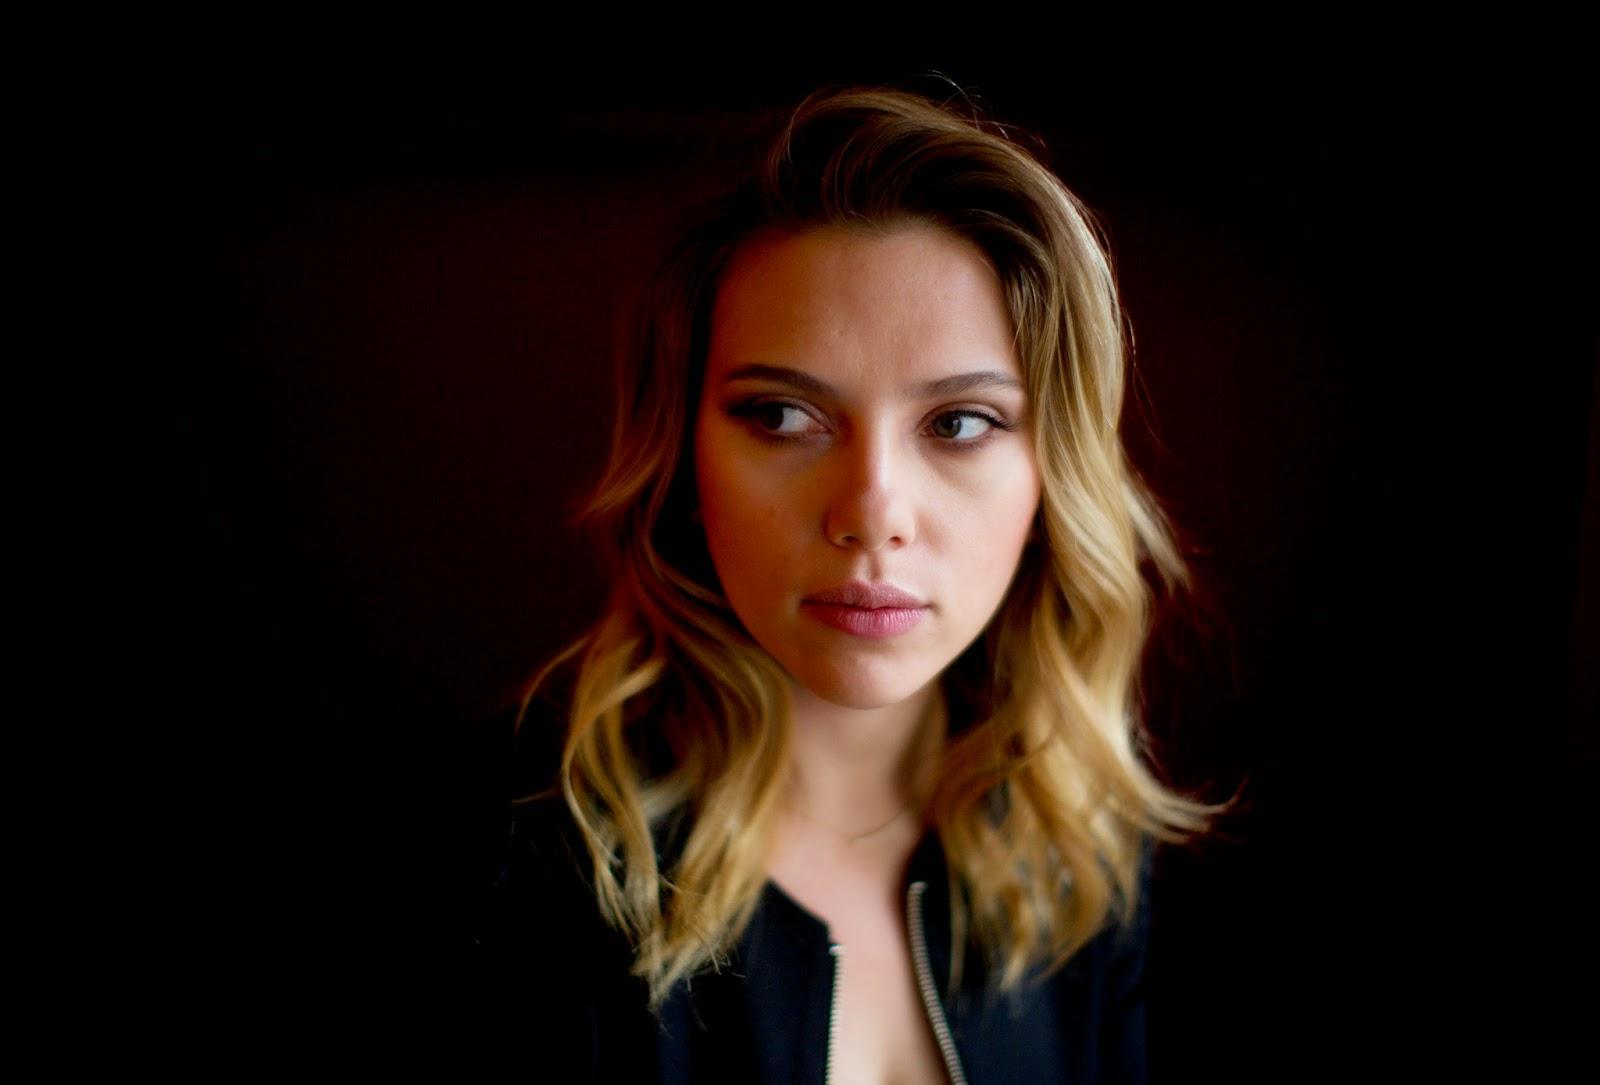 Damon Winter, retrato de Scarlett Johansson